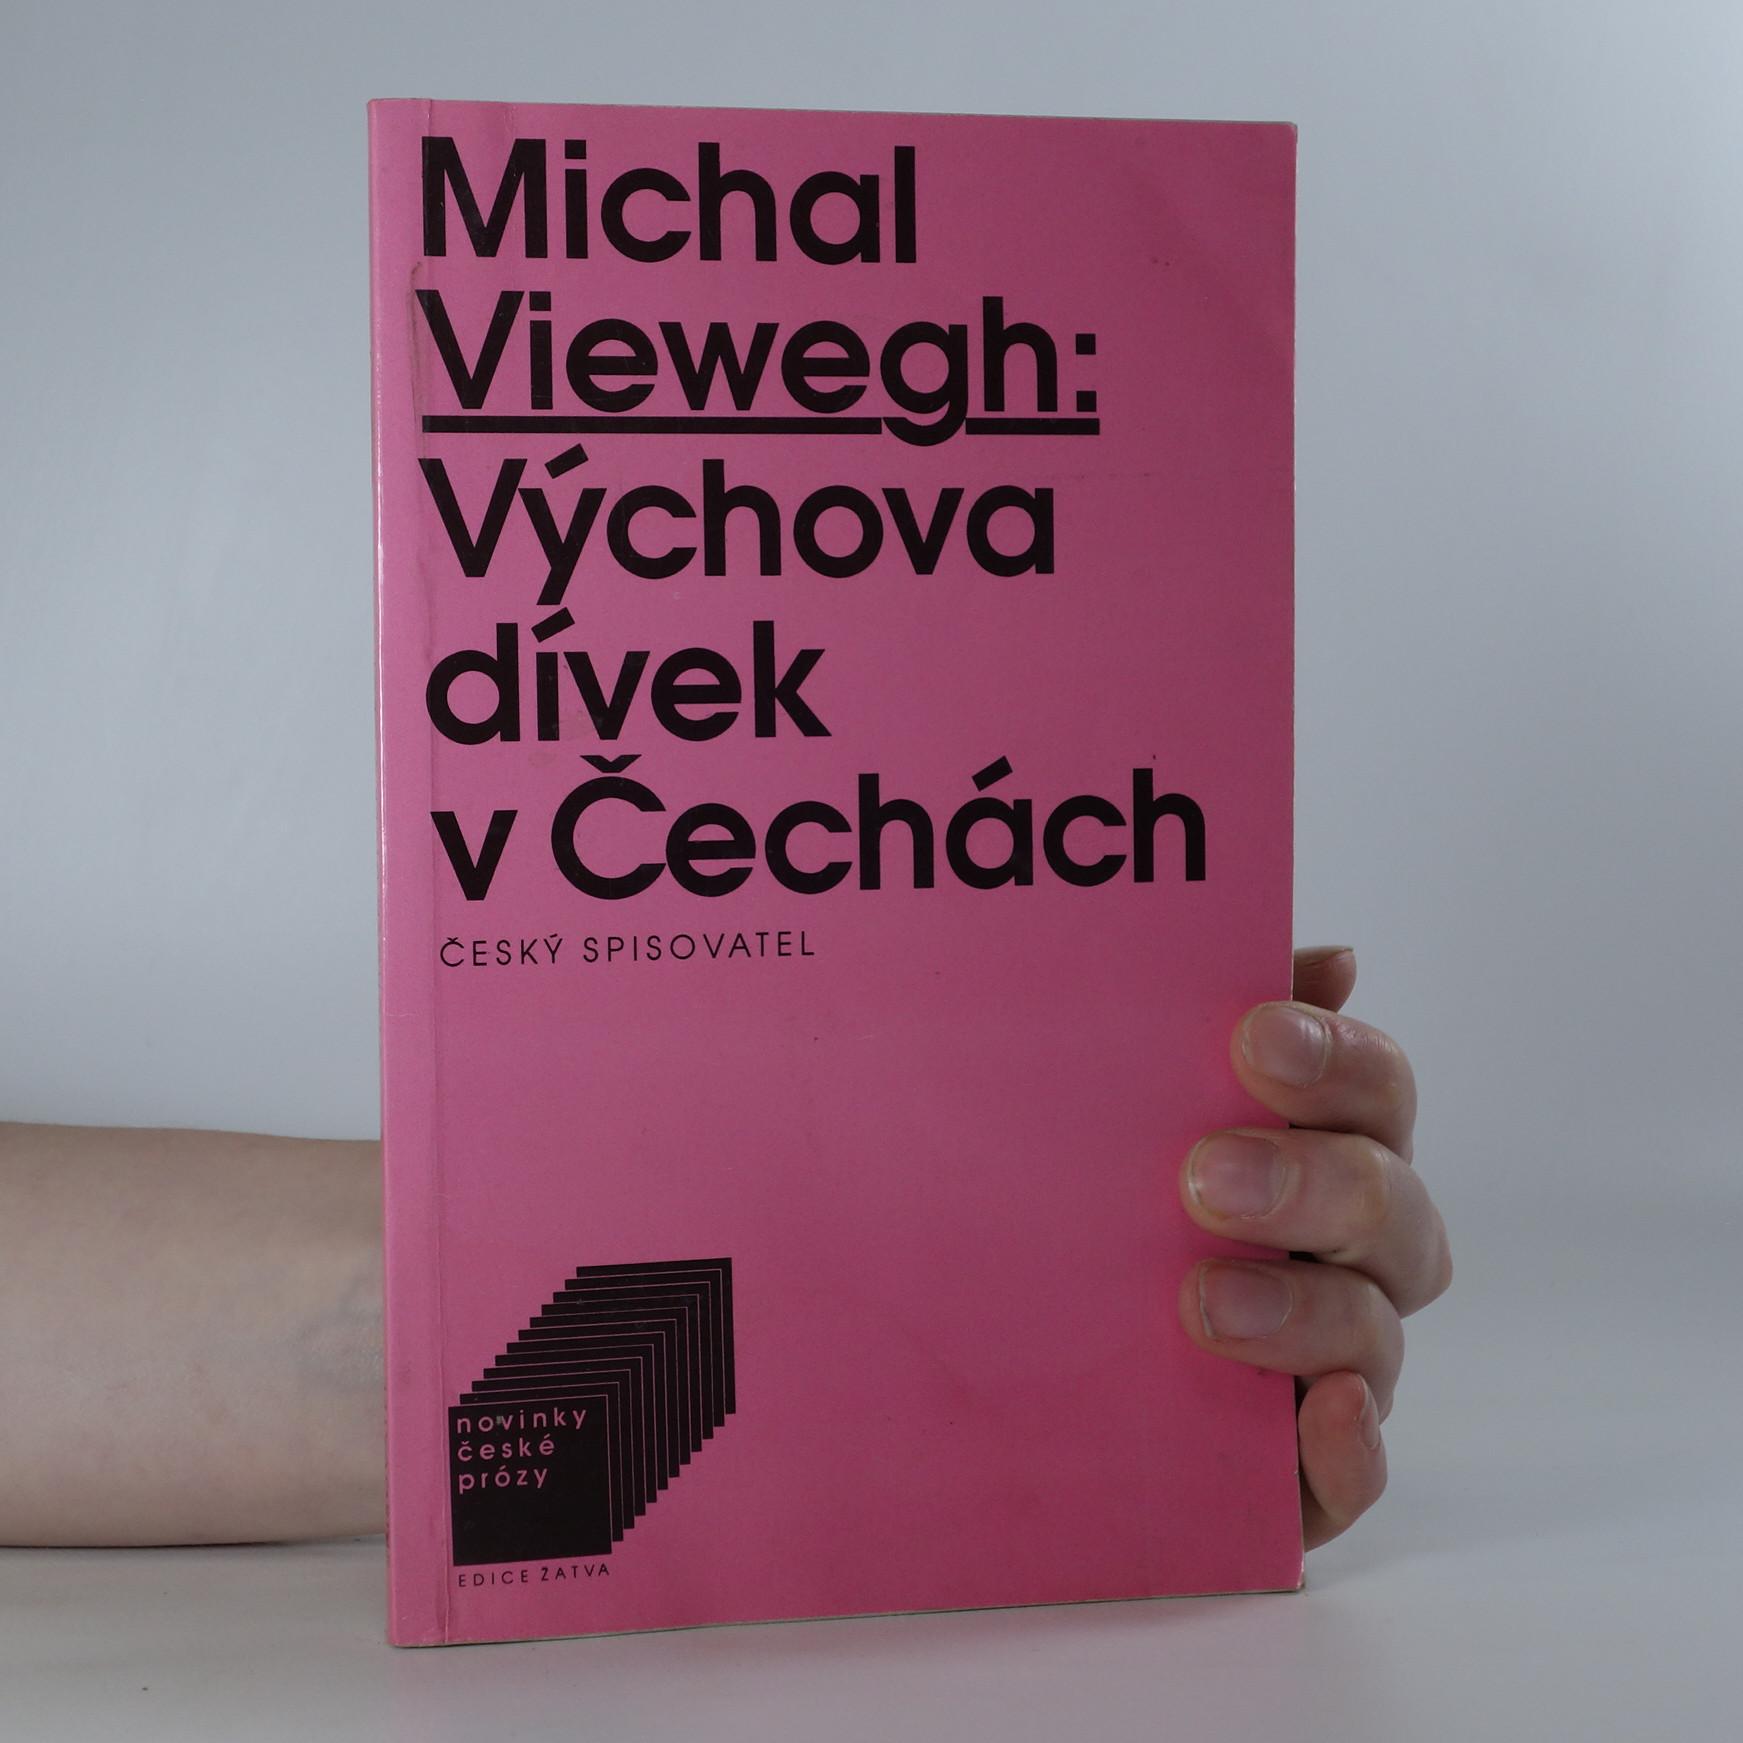 antikvární kniha Výchova dívek v Čechách, 1994